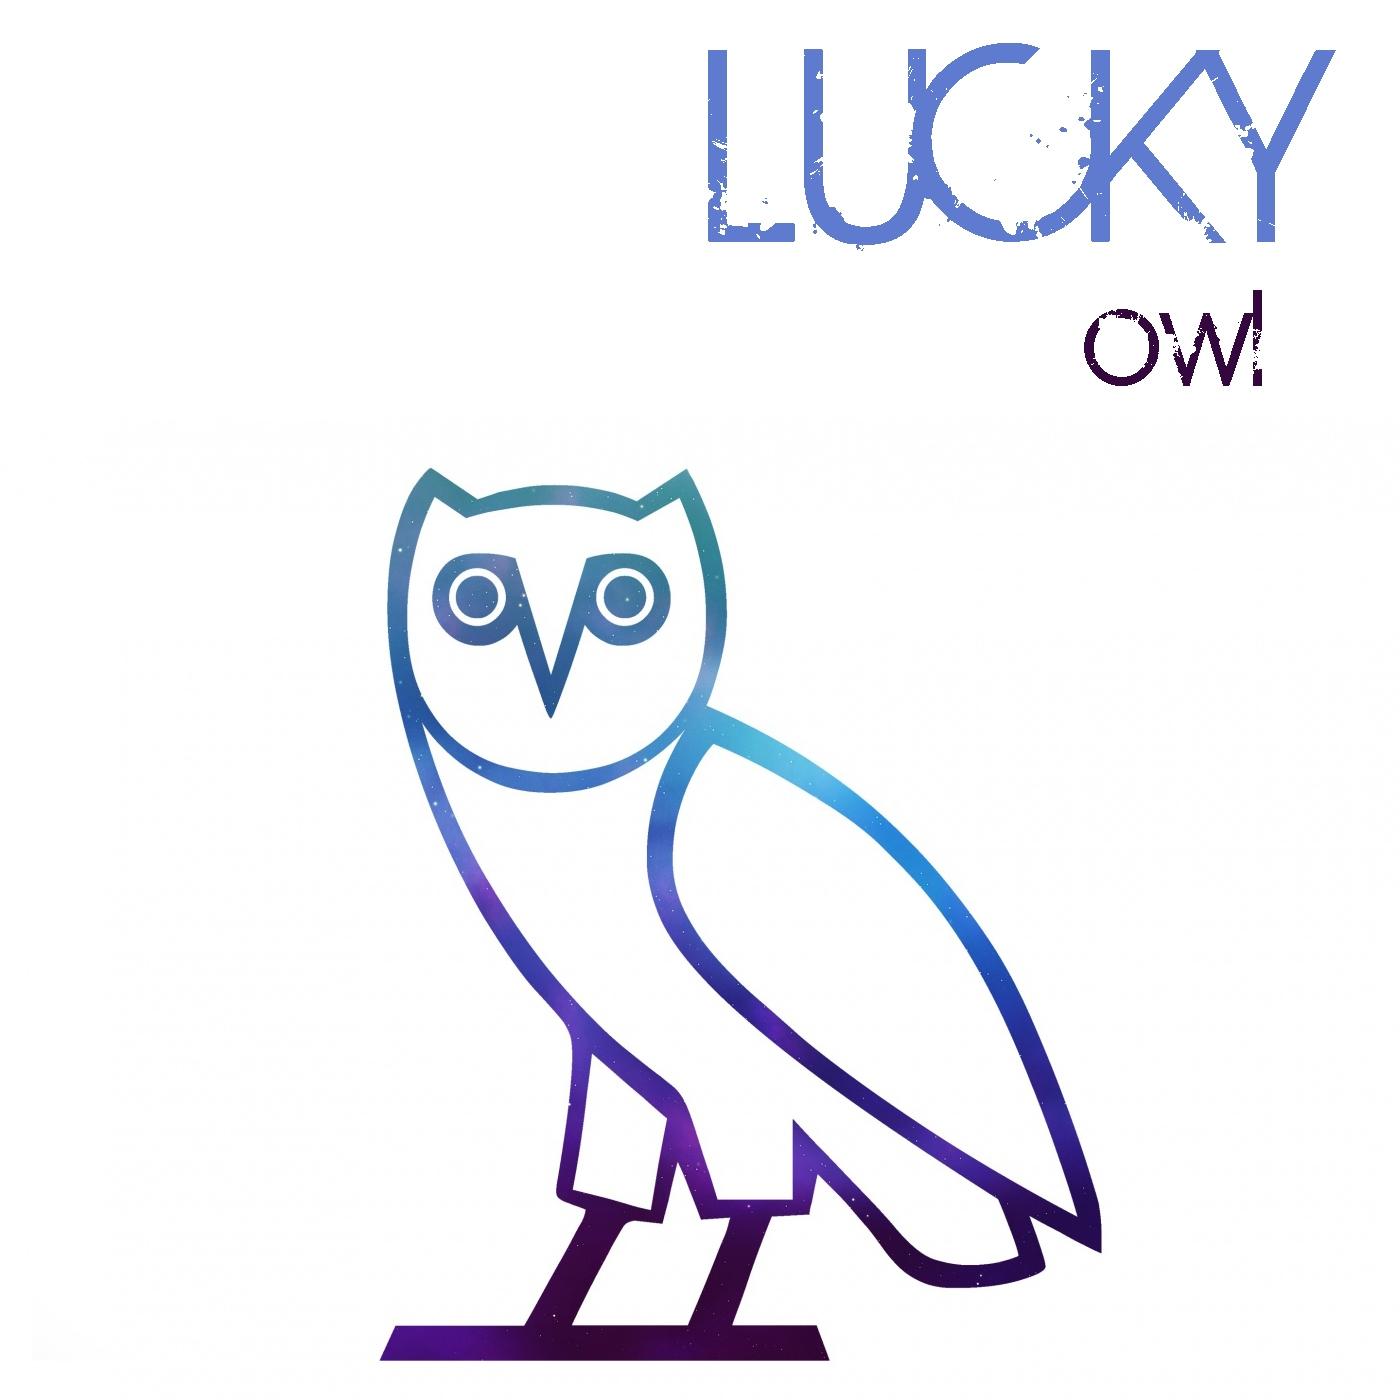 Lucky - Luck (Original Mix)